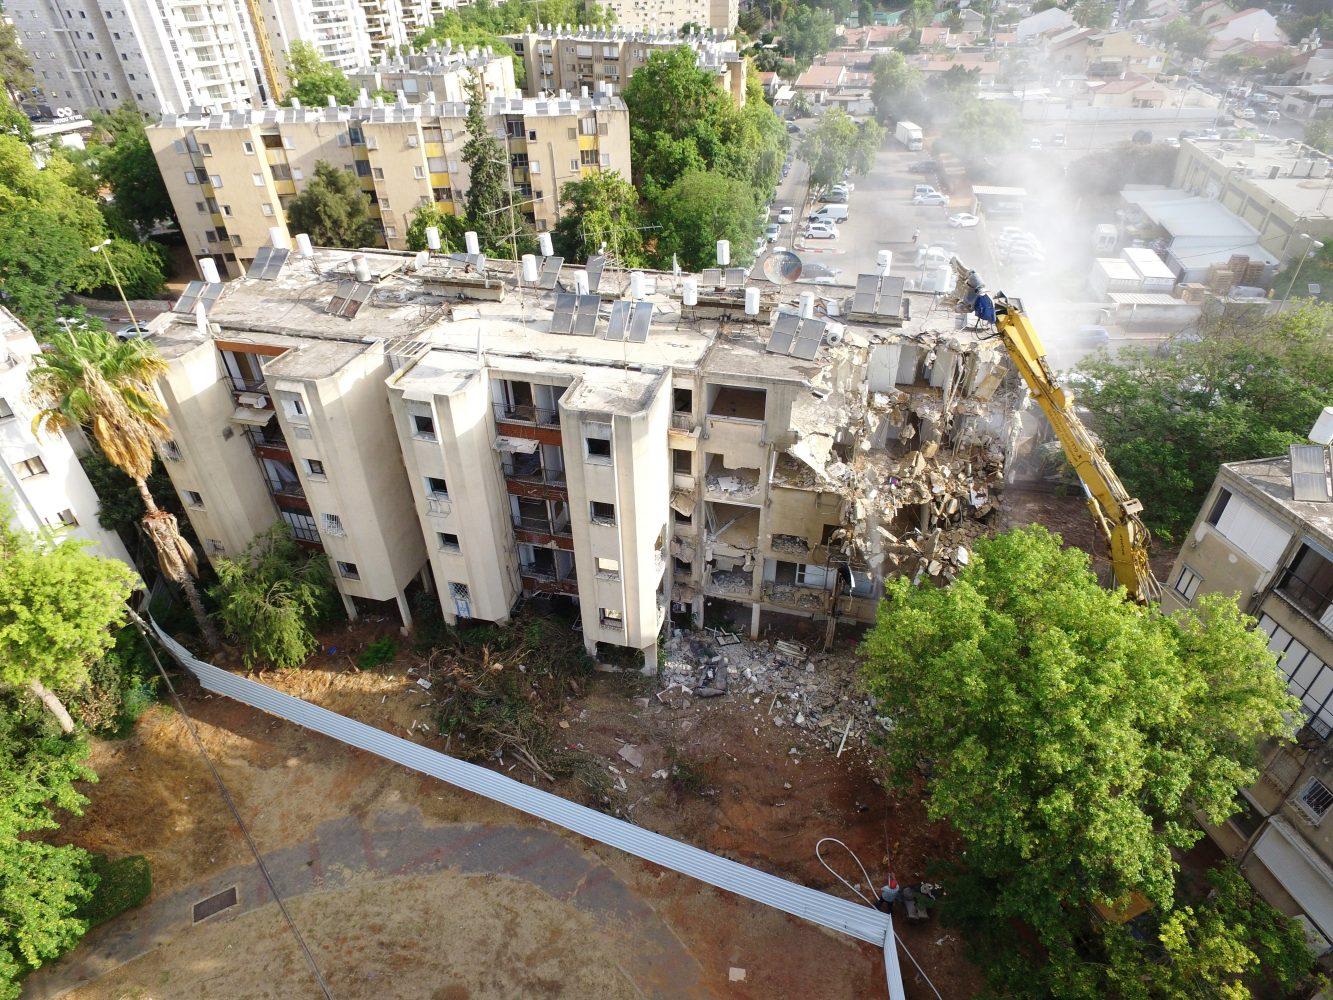 """פרויקט Ono Valley, פרויקט התחדשות עירונית רחב היקף, מהגדולים בישראל אי-פעם, אשר מקימה חברת אאורה בעיר בהשקעה של למעלה מ-750 מיליון שקל והוא יכלול בסה""""כ 680 דירות חדשות"""